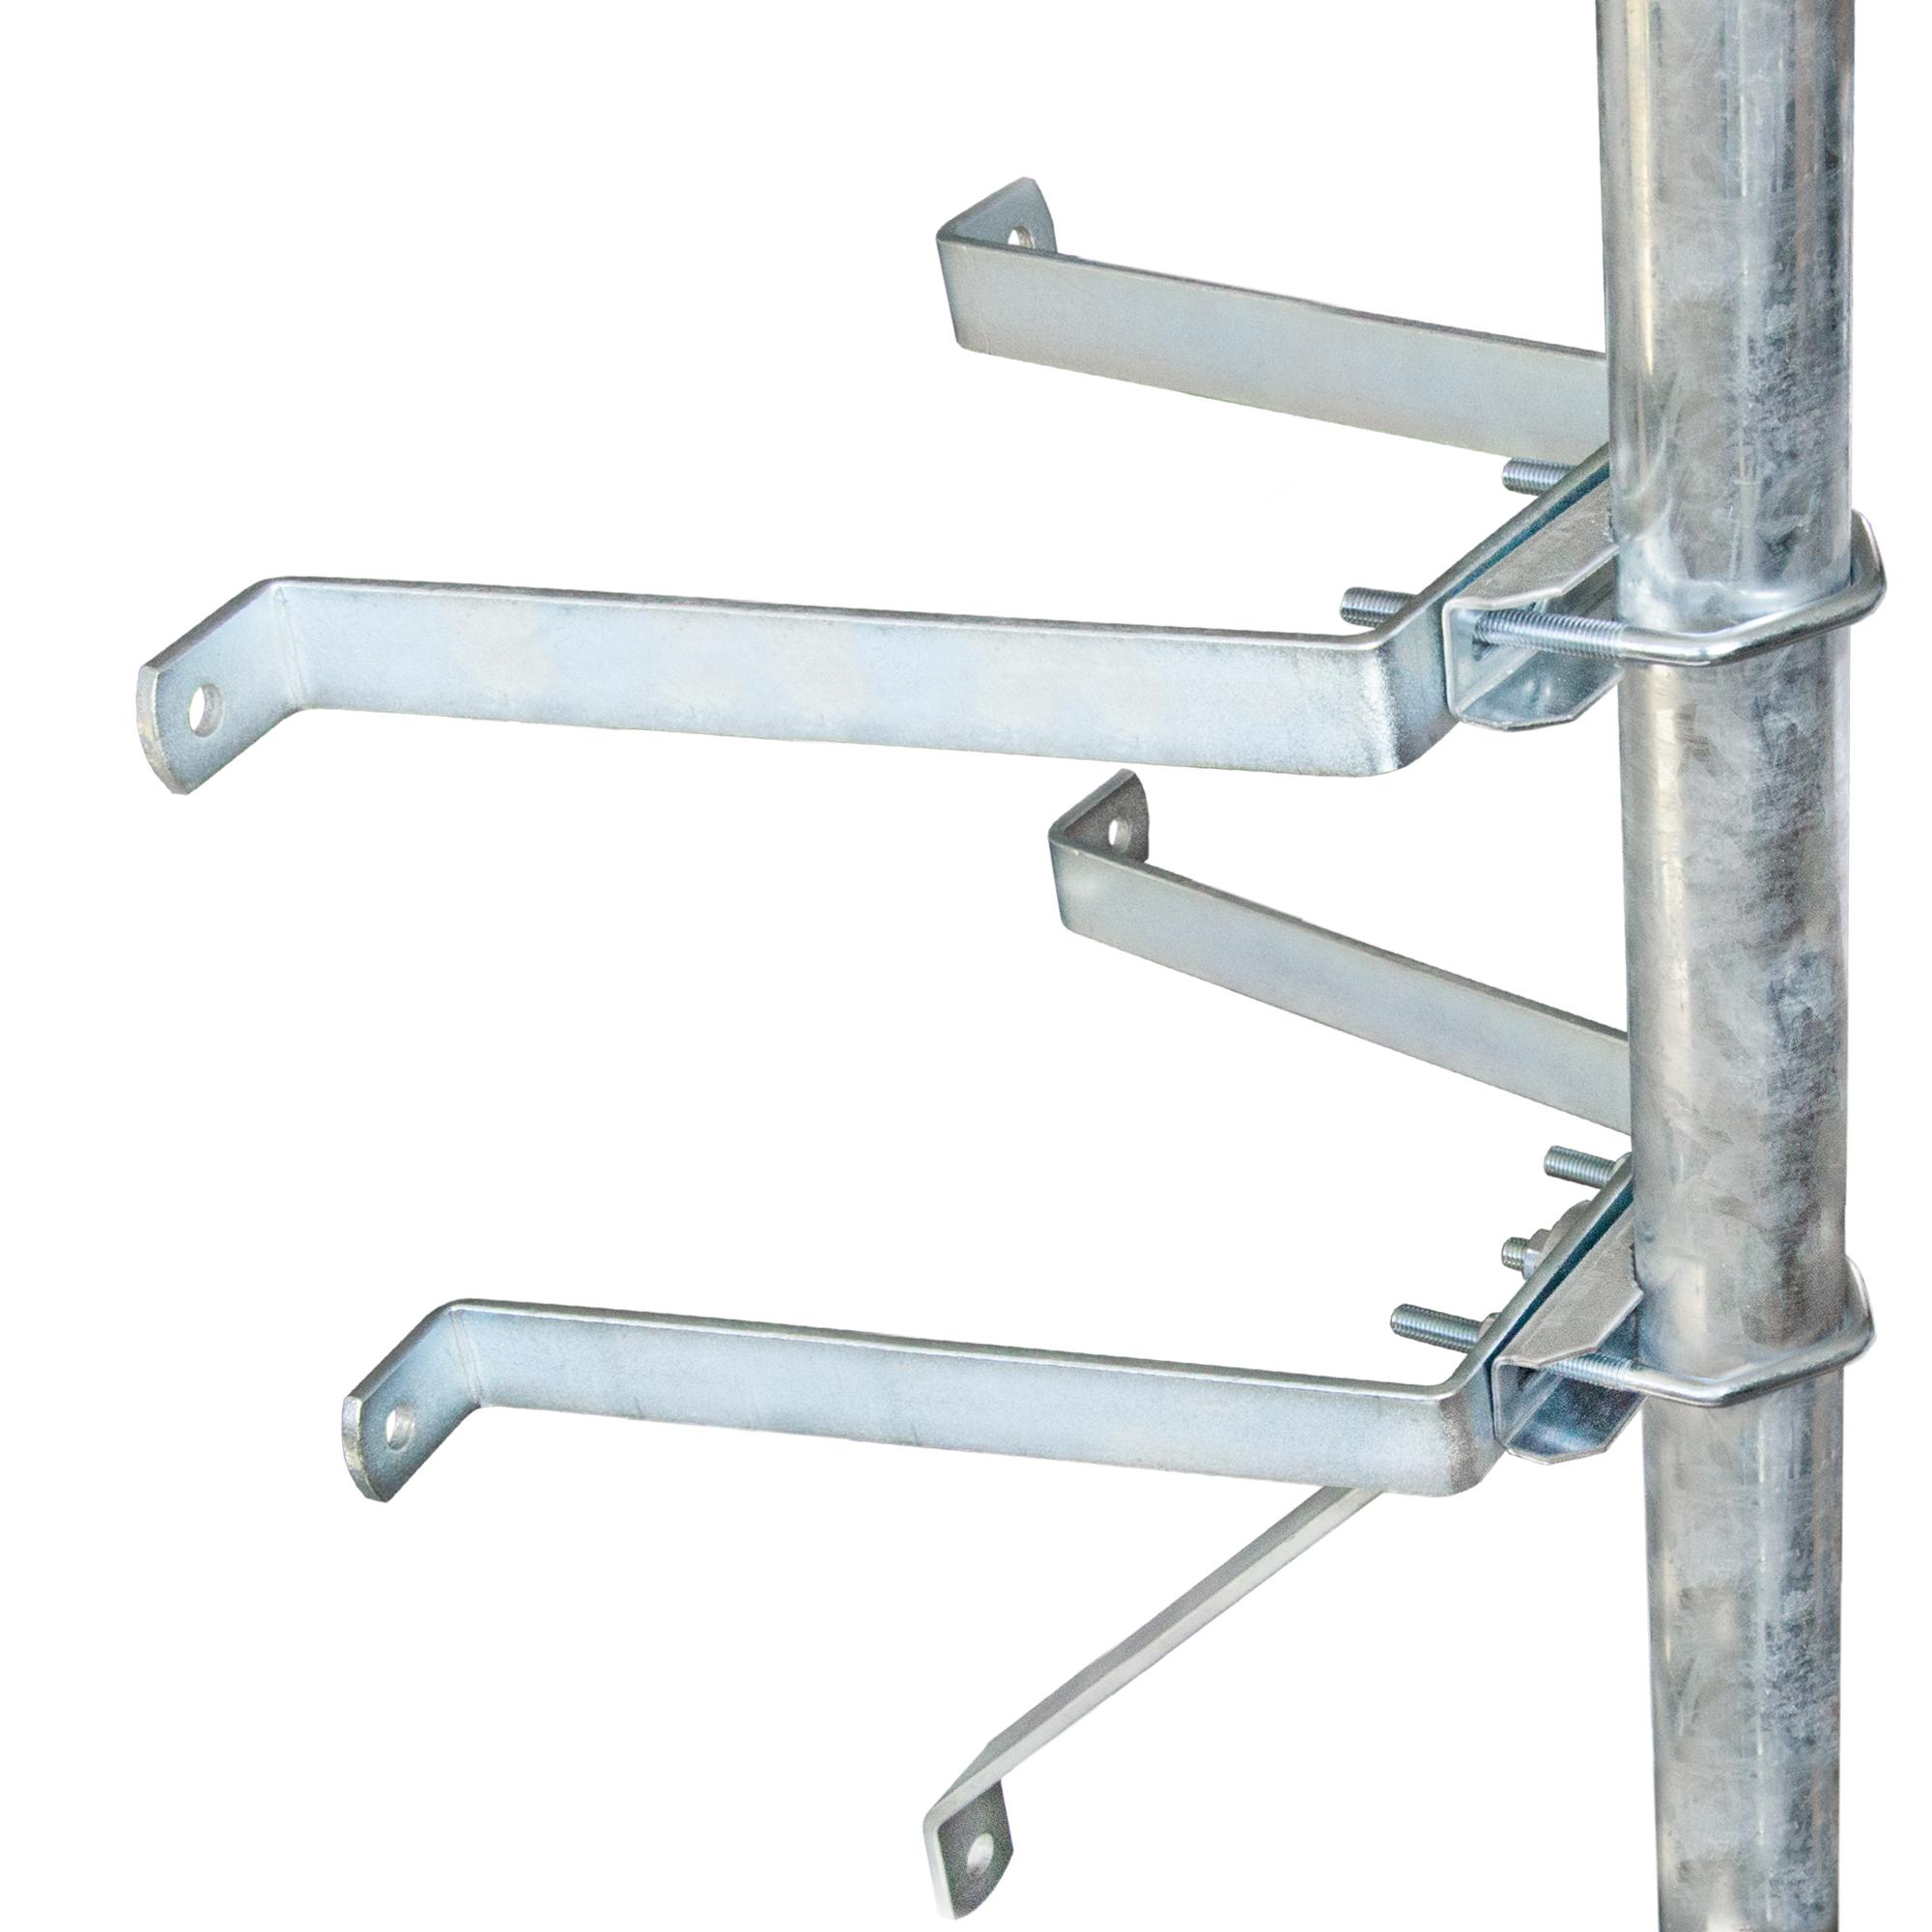 PremiumX Sat-Mauerhalter Wandabstandshalter Wandabstand 30cm für Mast bis Ø 60mm aus verzinktem Stahl